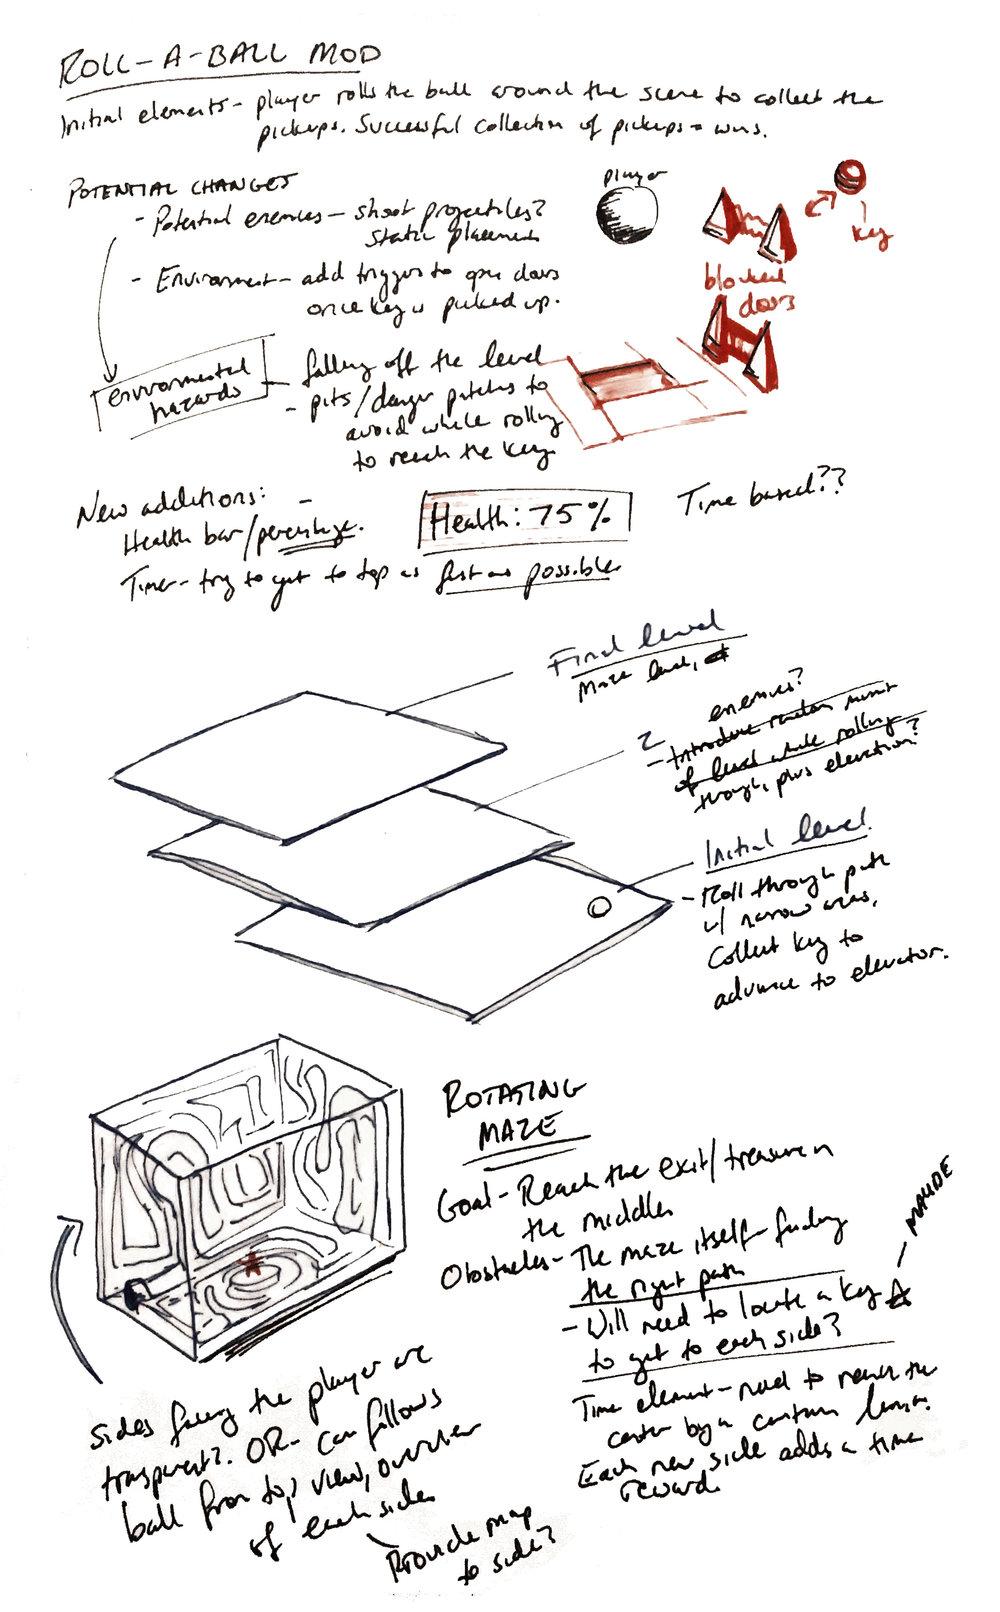 RollABallMod_Sketch1.jpg